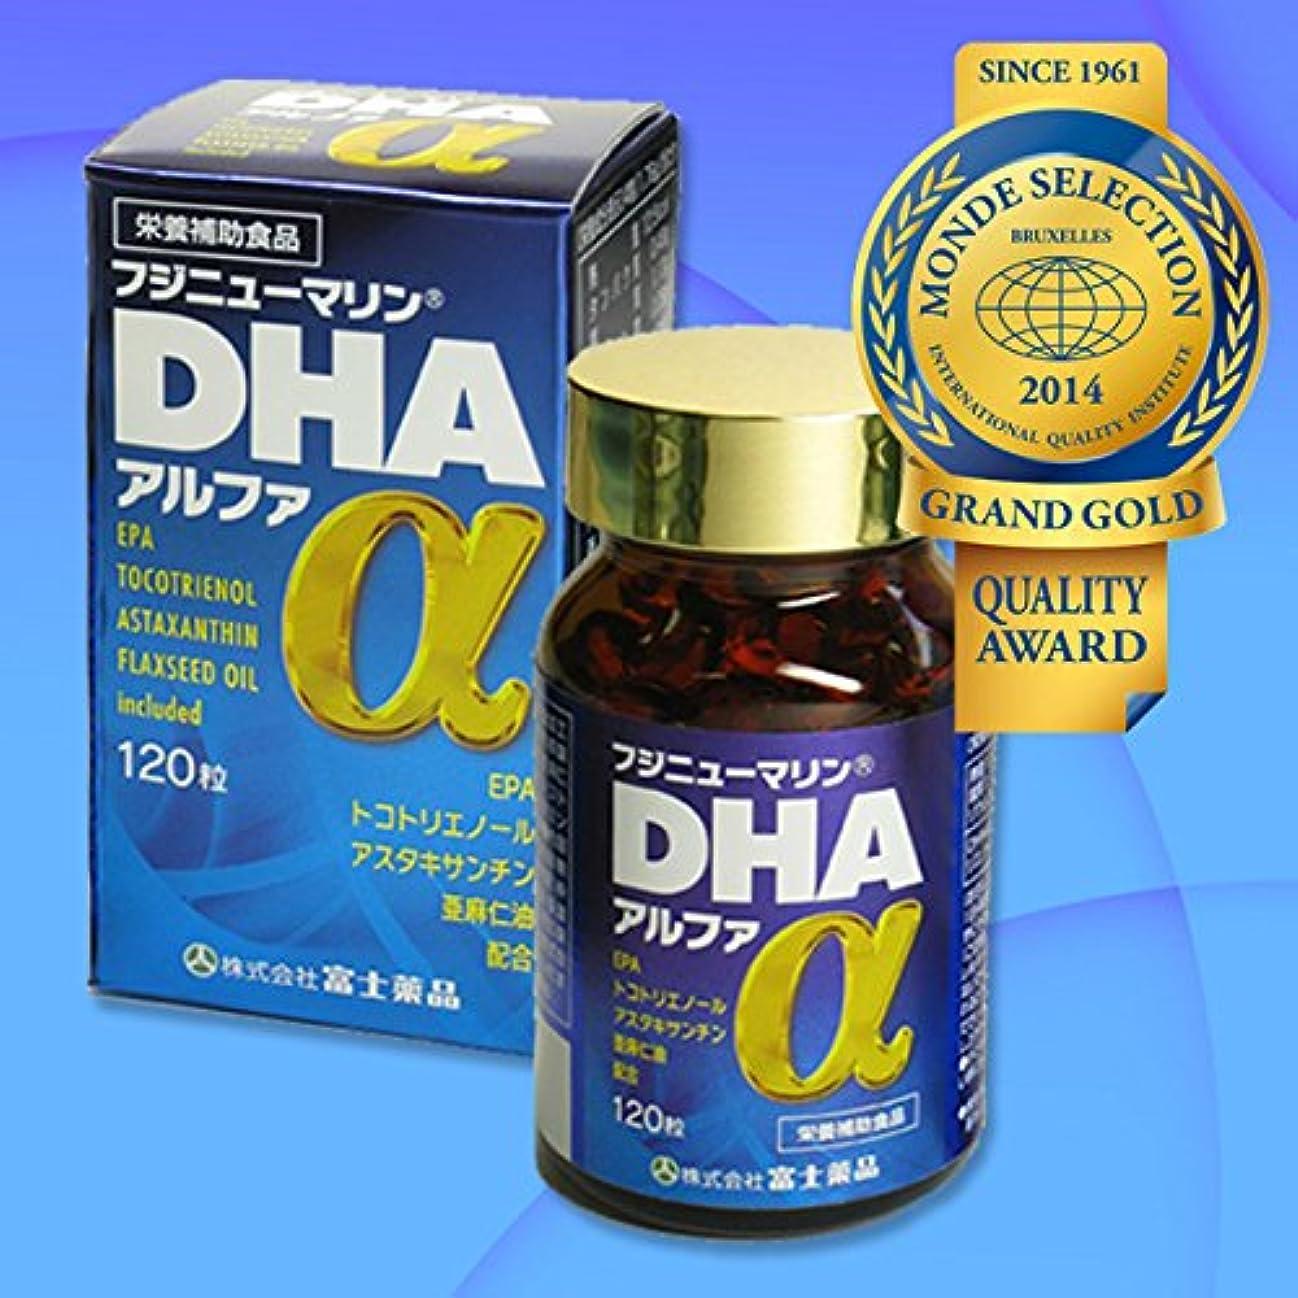 ホテルまっすぐにする財布富士薬品 DHA&EPAフジニューマリンDHAα 120粒入り